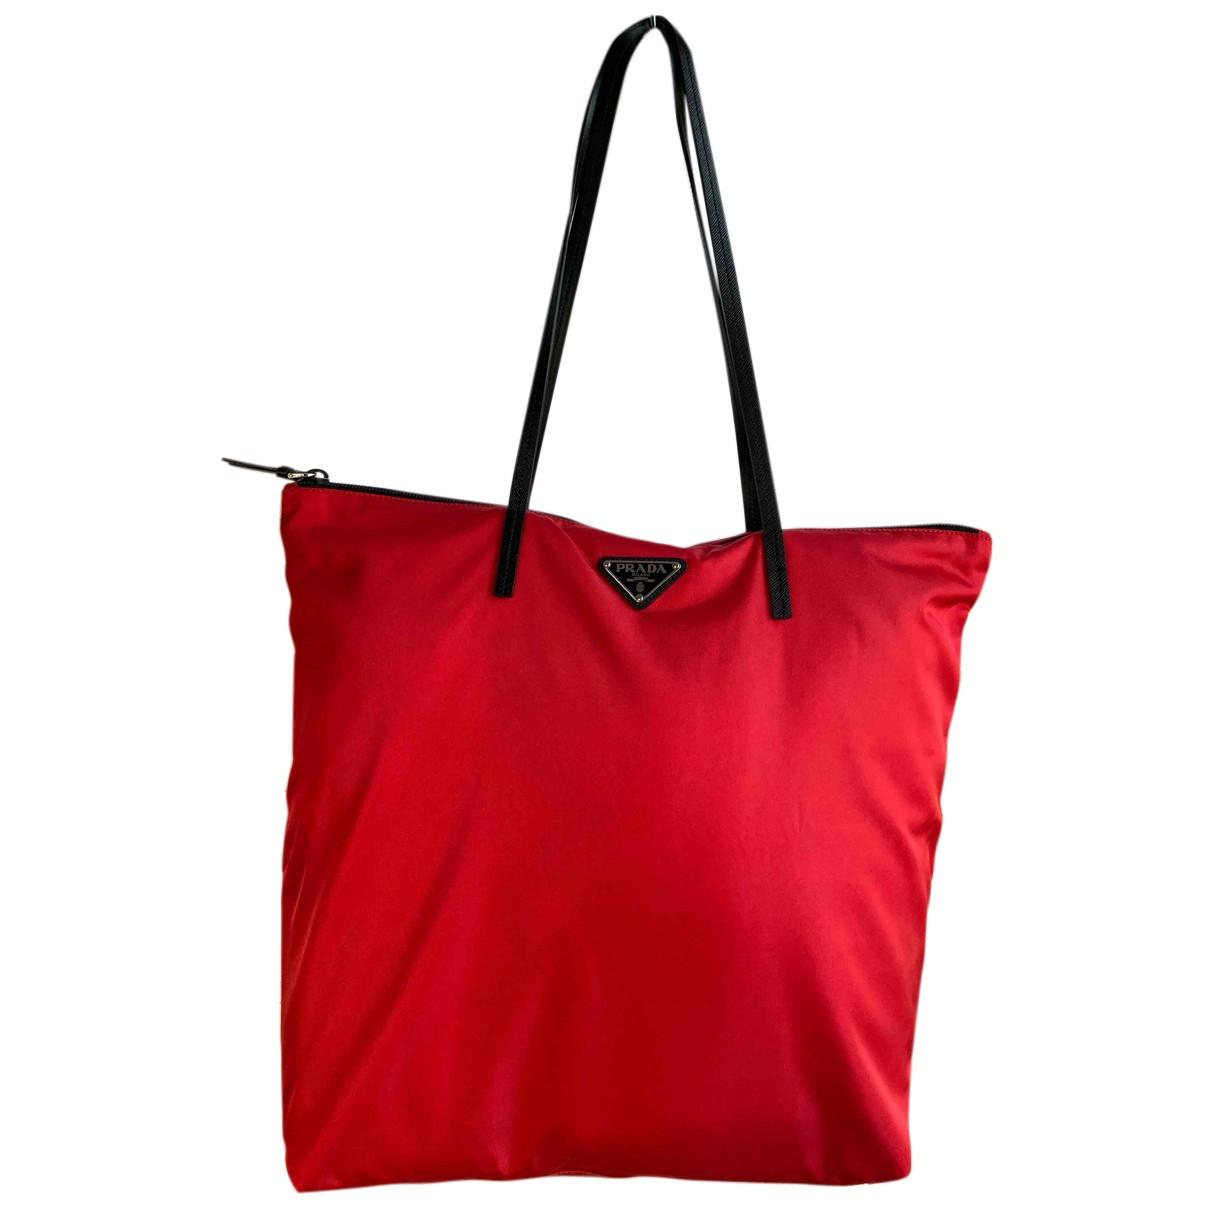 Prada - Sac a main Tessuto city pour femme - rouge